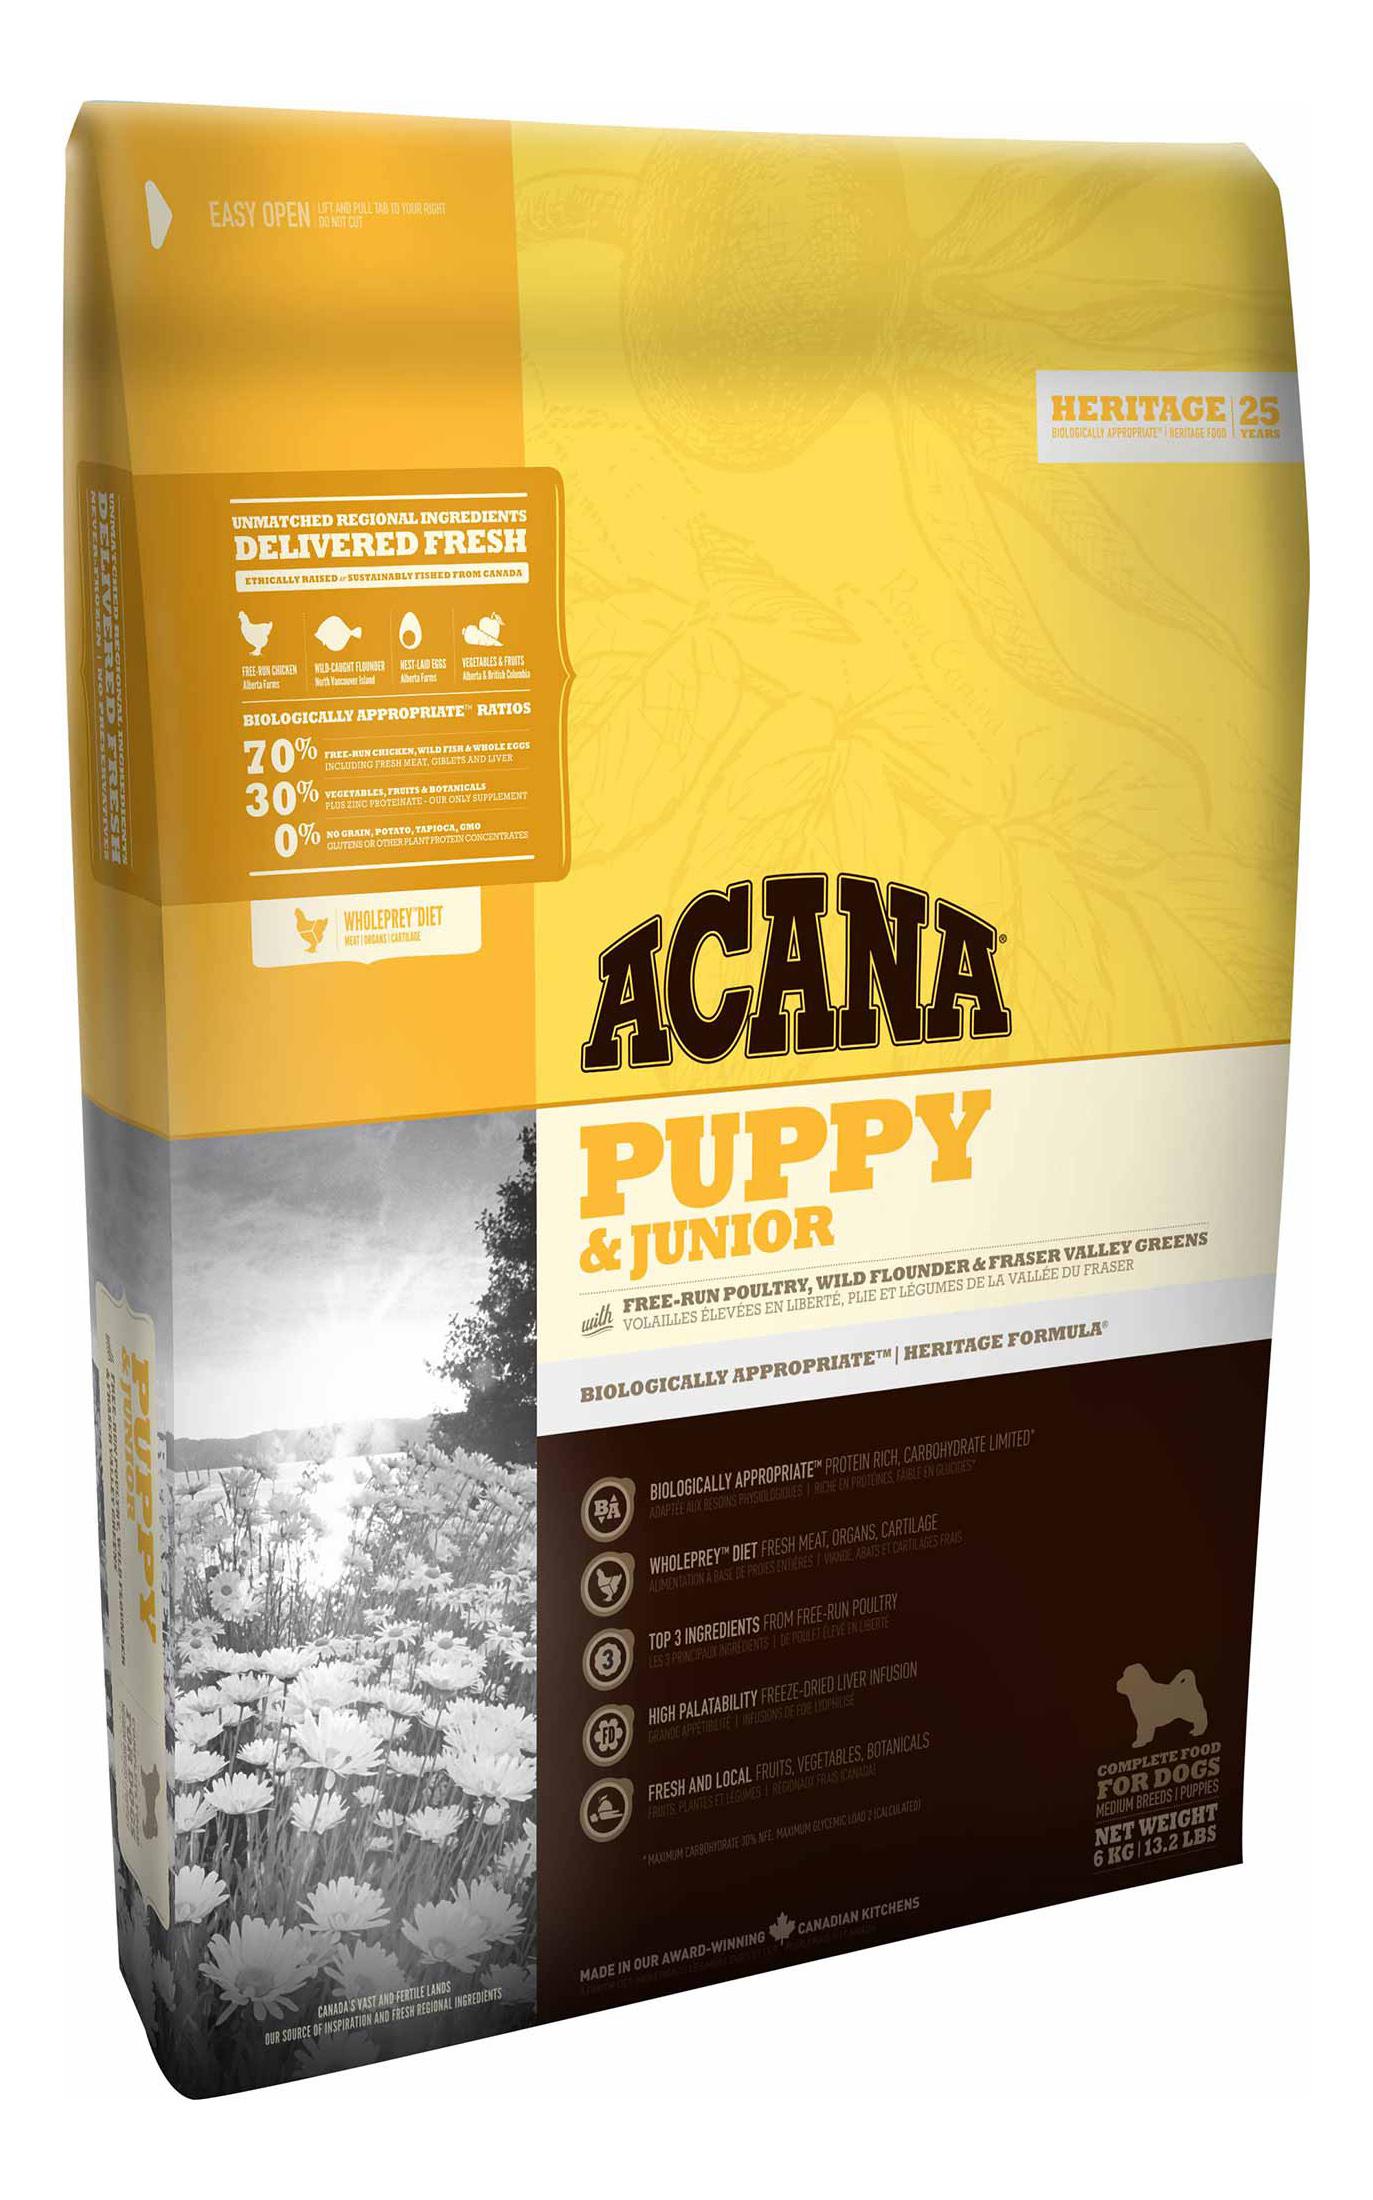 Сухой корм для щенков ACANA Heritage Puppy & Junior, цыпленок, 6кг фото